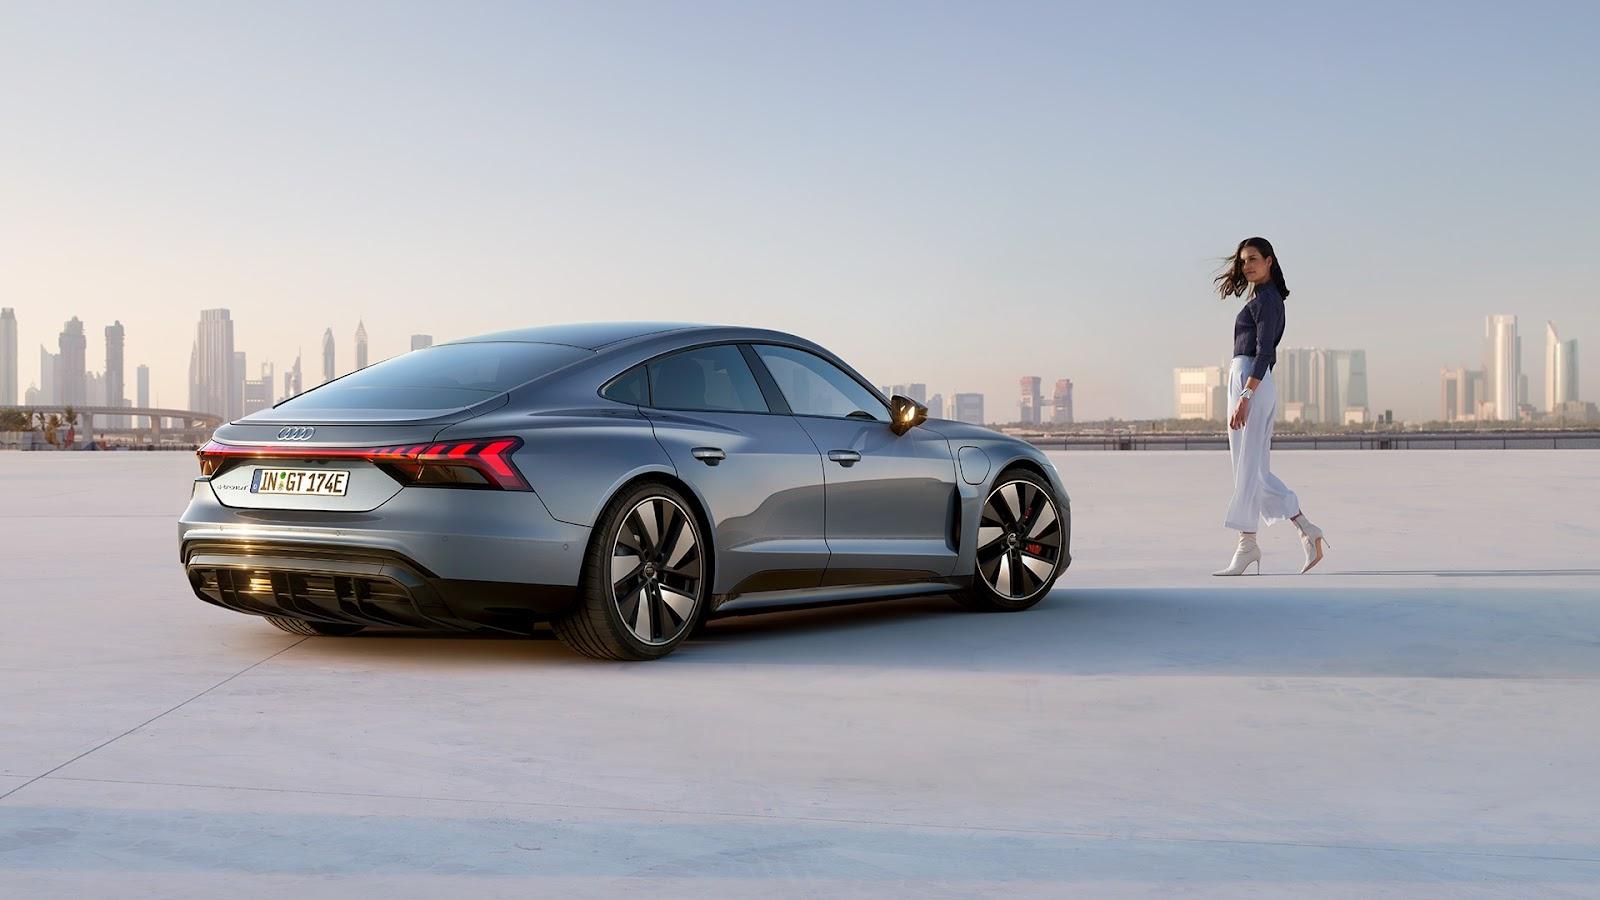 Audi deve lançar o e-tron GT no Brasil ainda em 2021 (Fonte: Fonte: Audi/Divulgação)